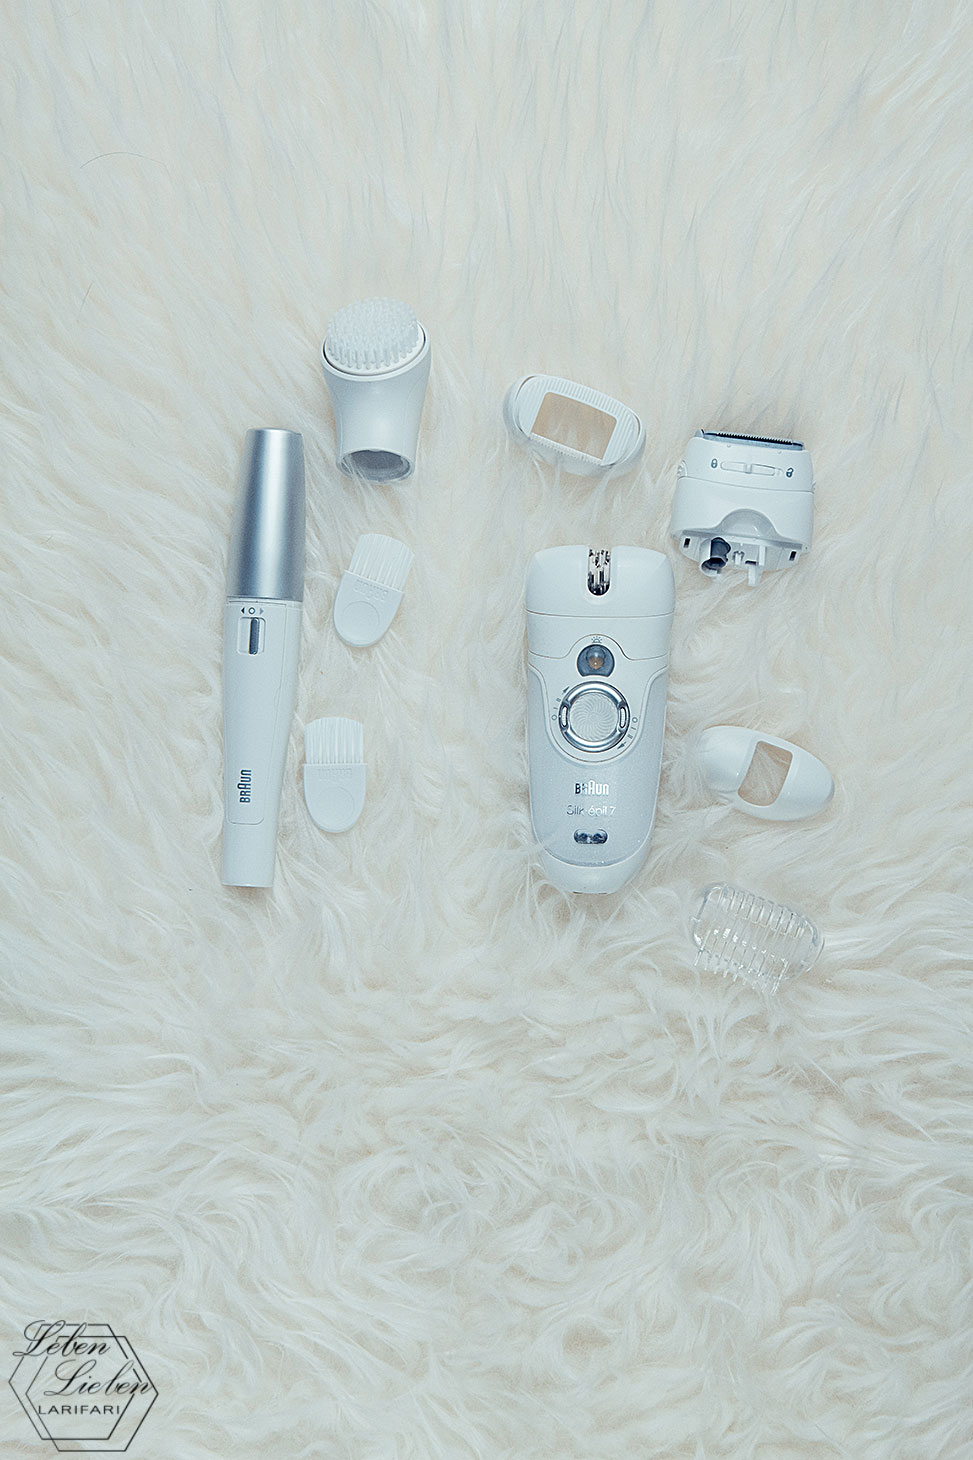 Meine Geräte zur Haarentfernung: Braun Silk épil 7 Wet & Dry und Braun Face Spa